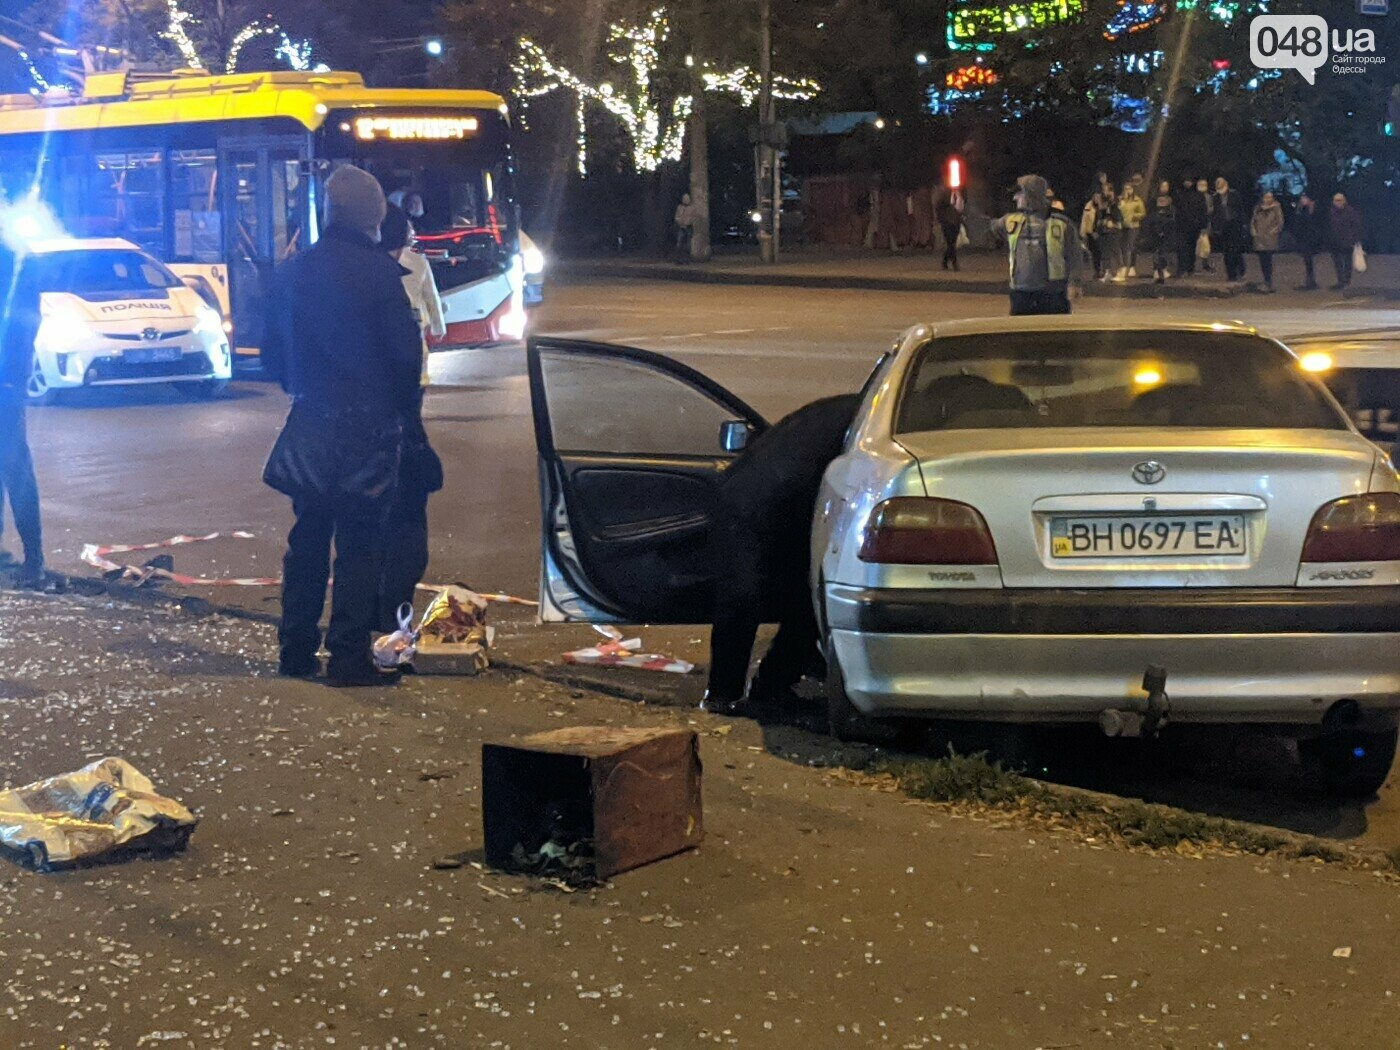 В Одессе передали в суд обвинение водителя, который въехал в остановку и травмировал людей,- ФОТО, фото-3